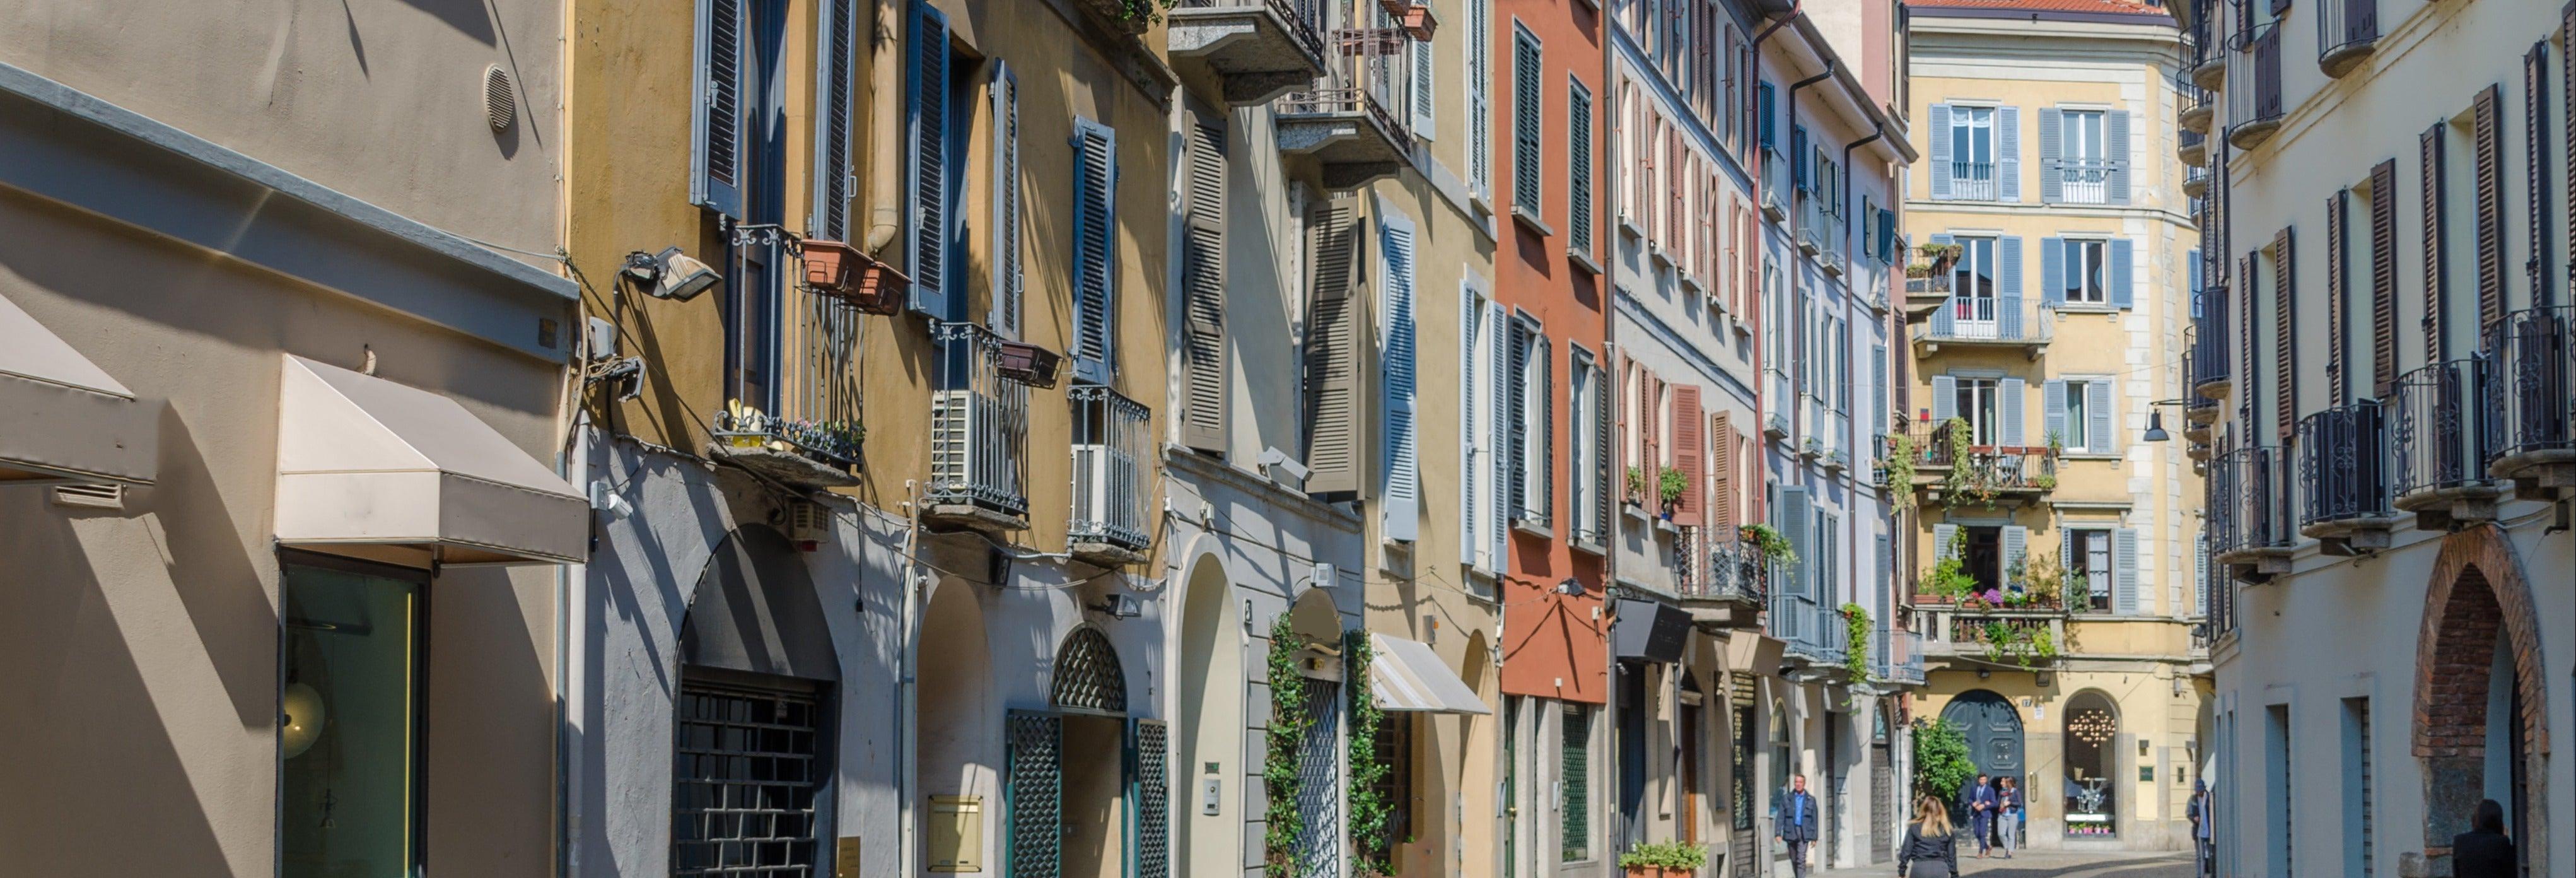 Visita guiada por Brera + Entrada a la Pinacoteca